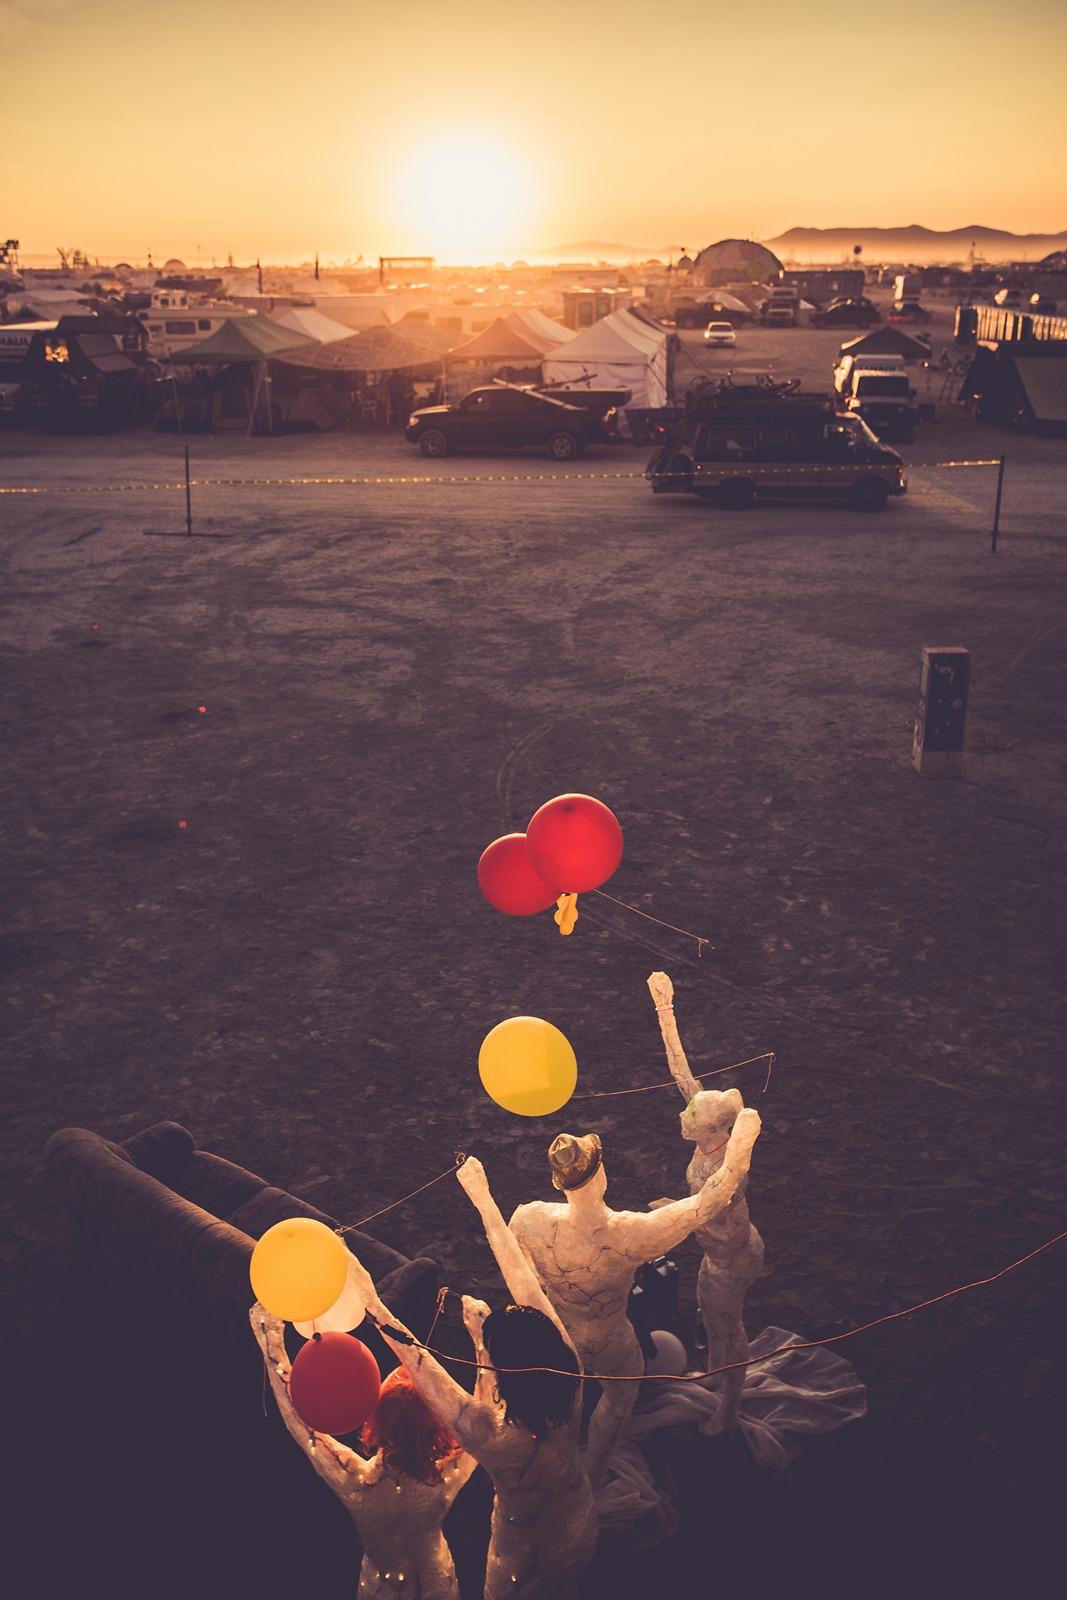 Burning Man - The day starts